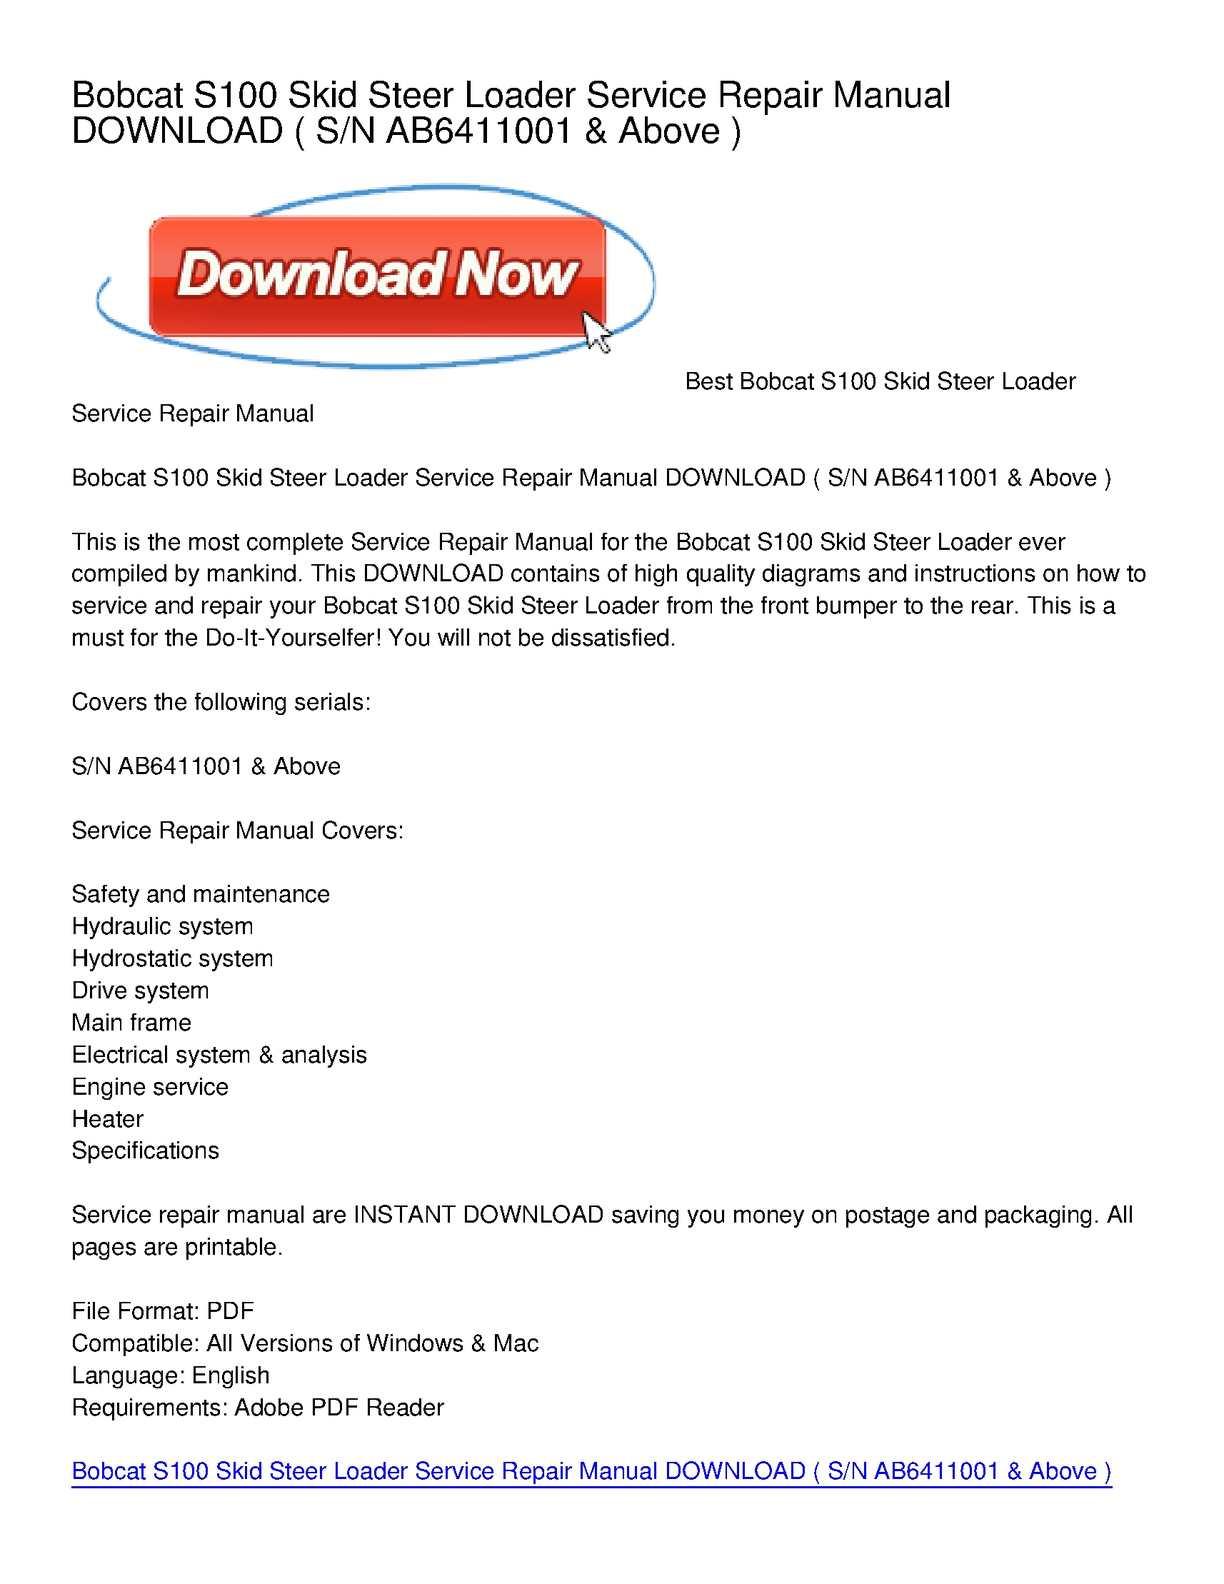 calam o bobcat s100 skid steer loader service repair manual download rh calameo com Bobcat Motor Diagram Bobcat Mower Wiring Diagram